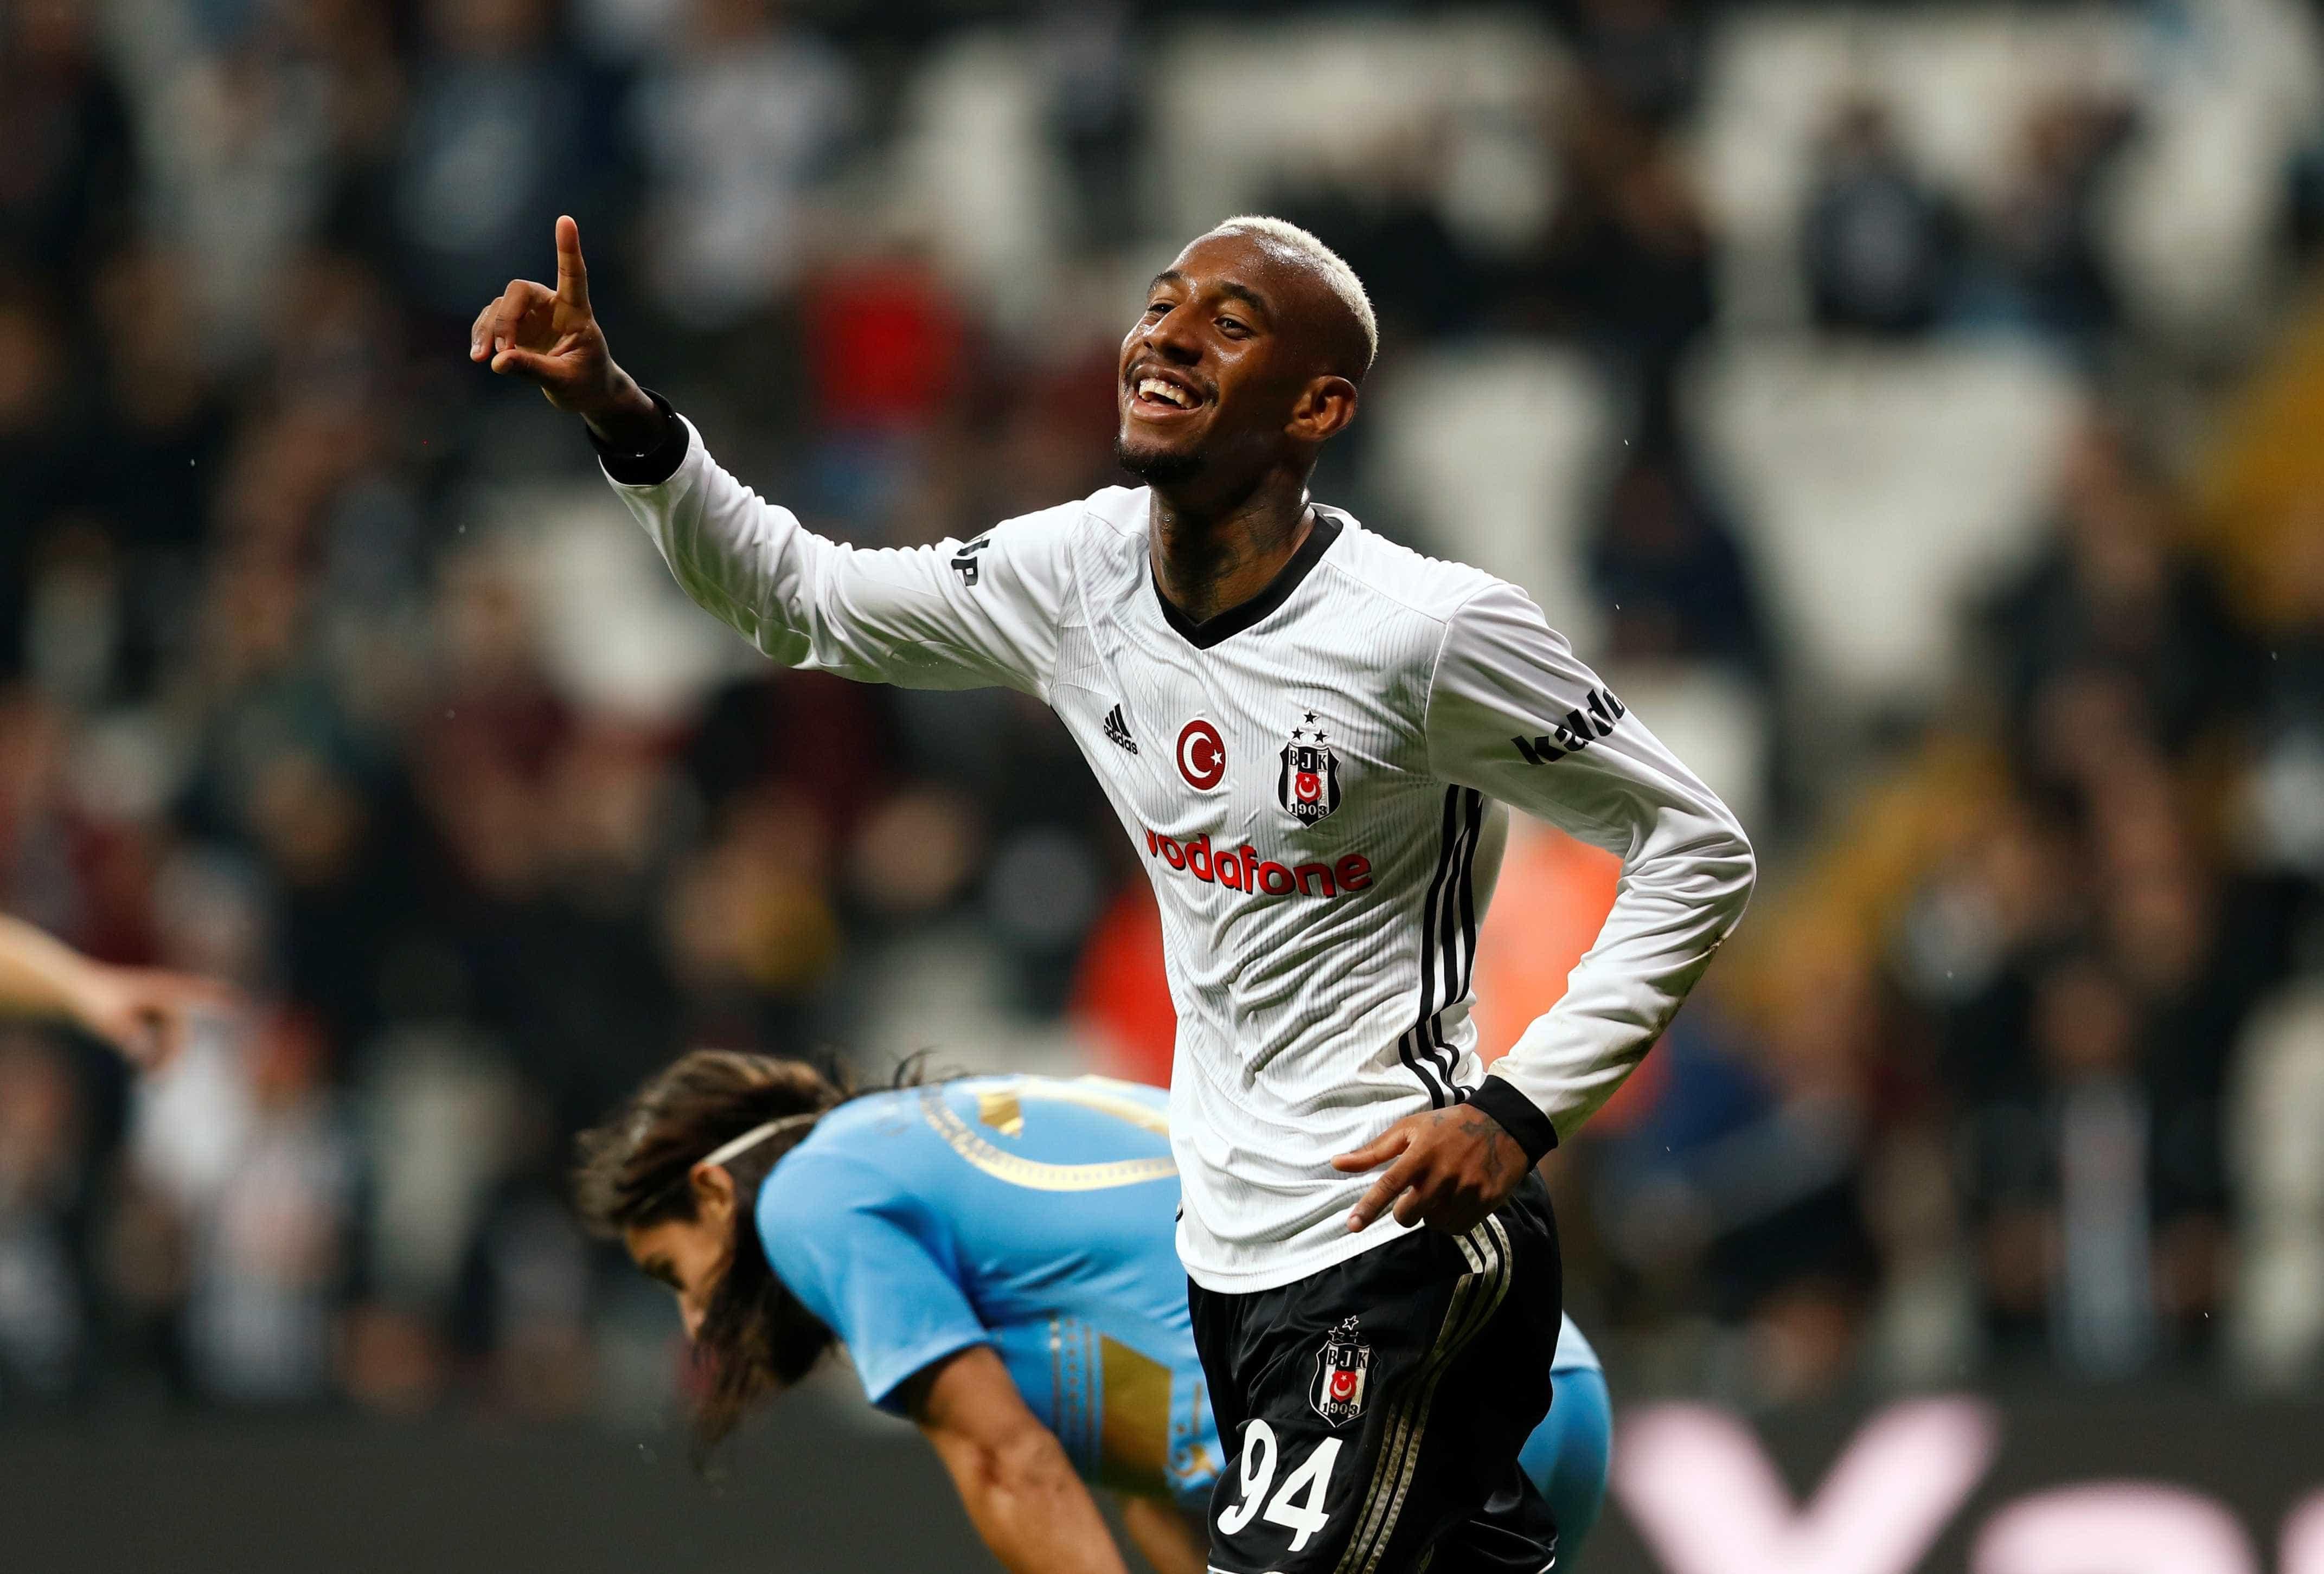 Clube turco alega motivo curioso para não contratar brasileiro